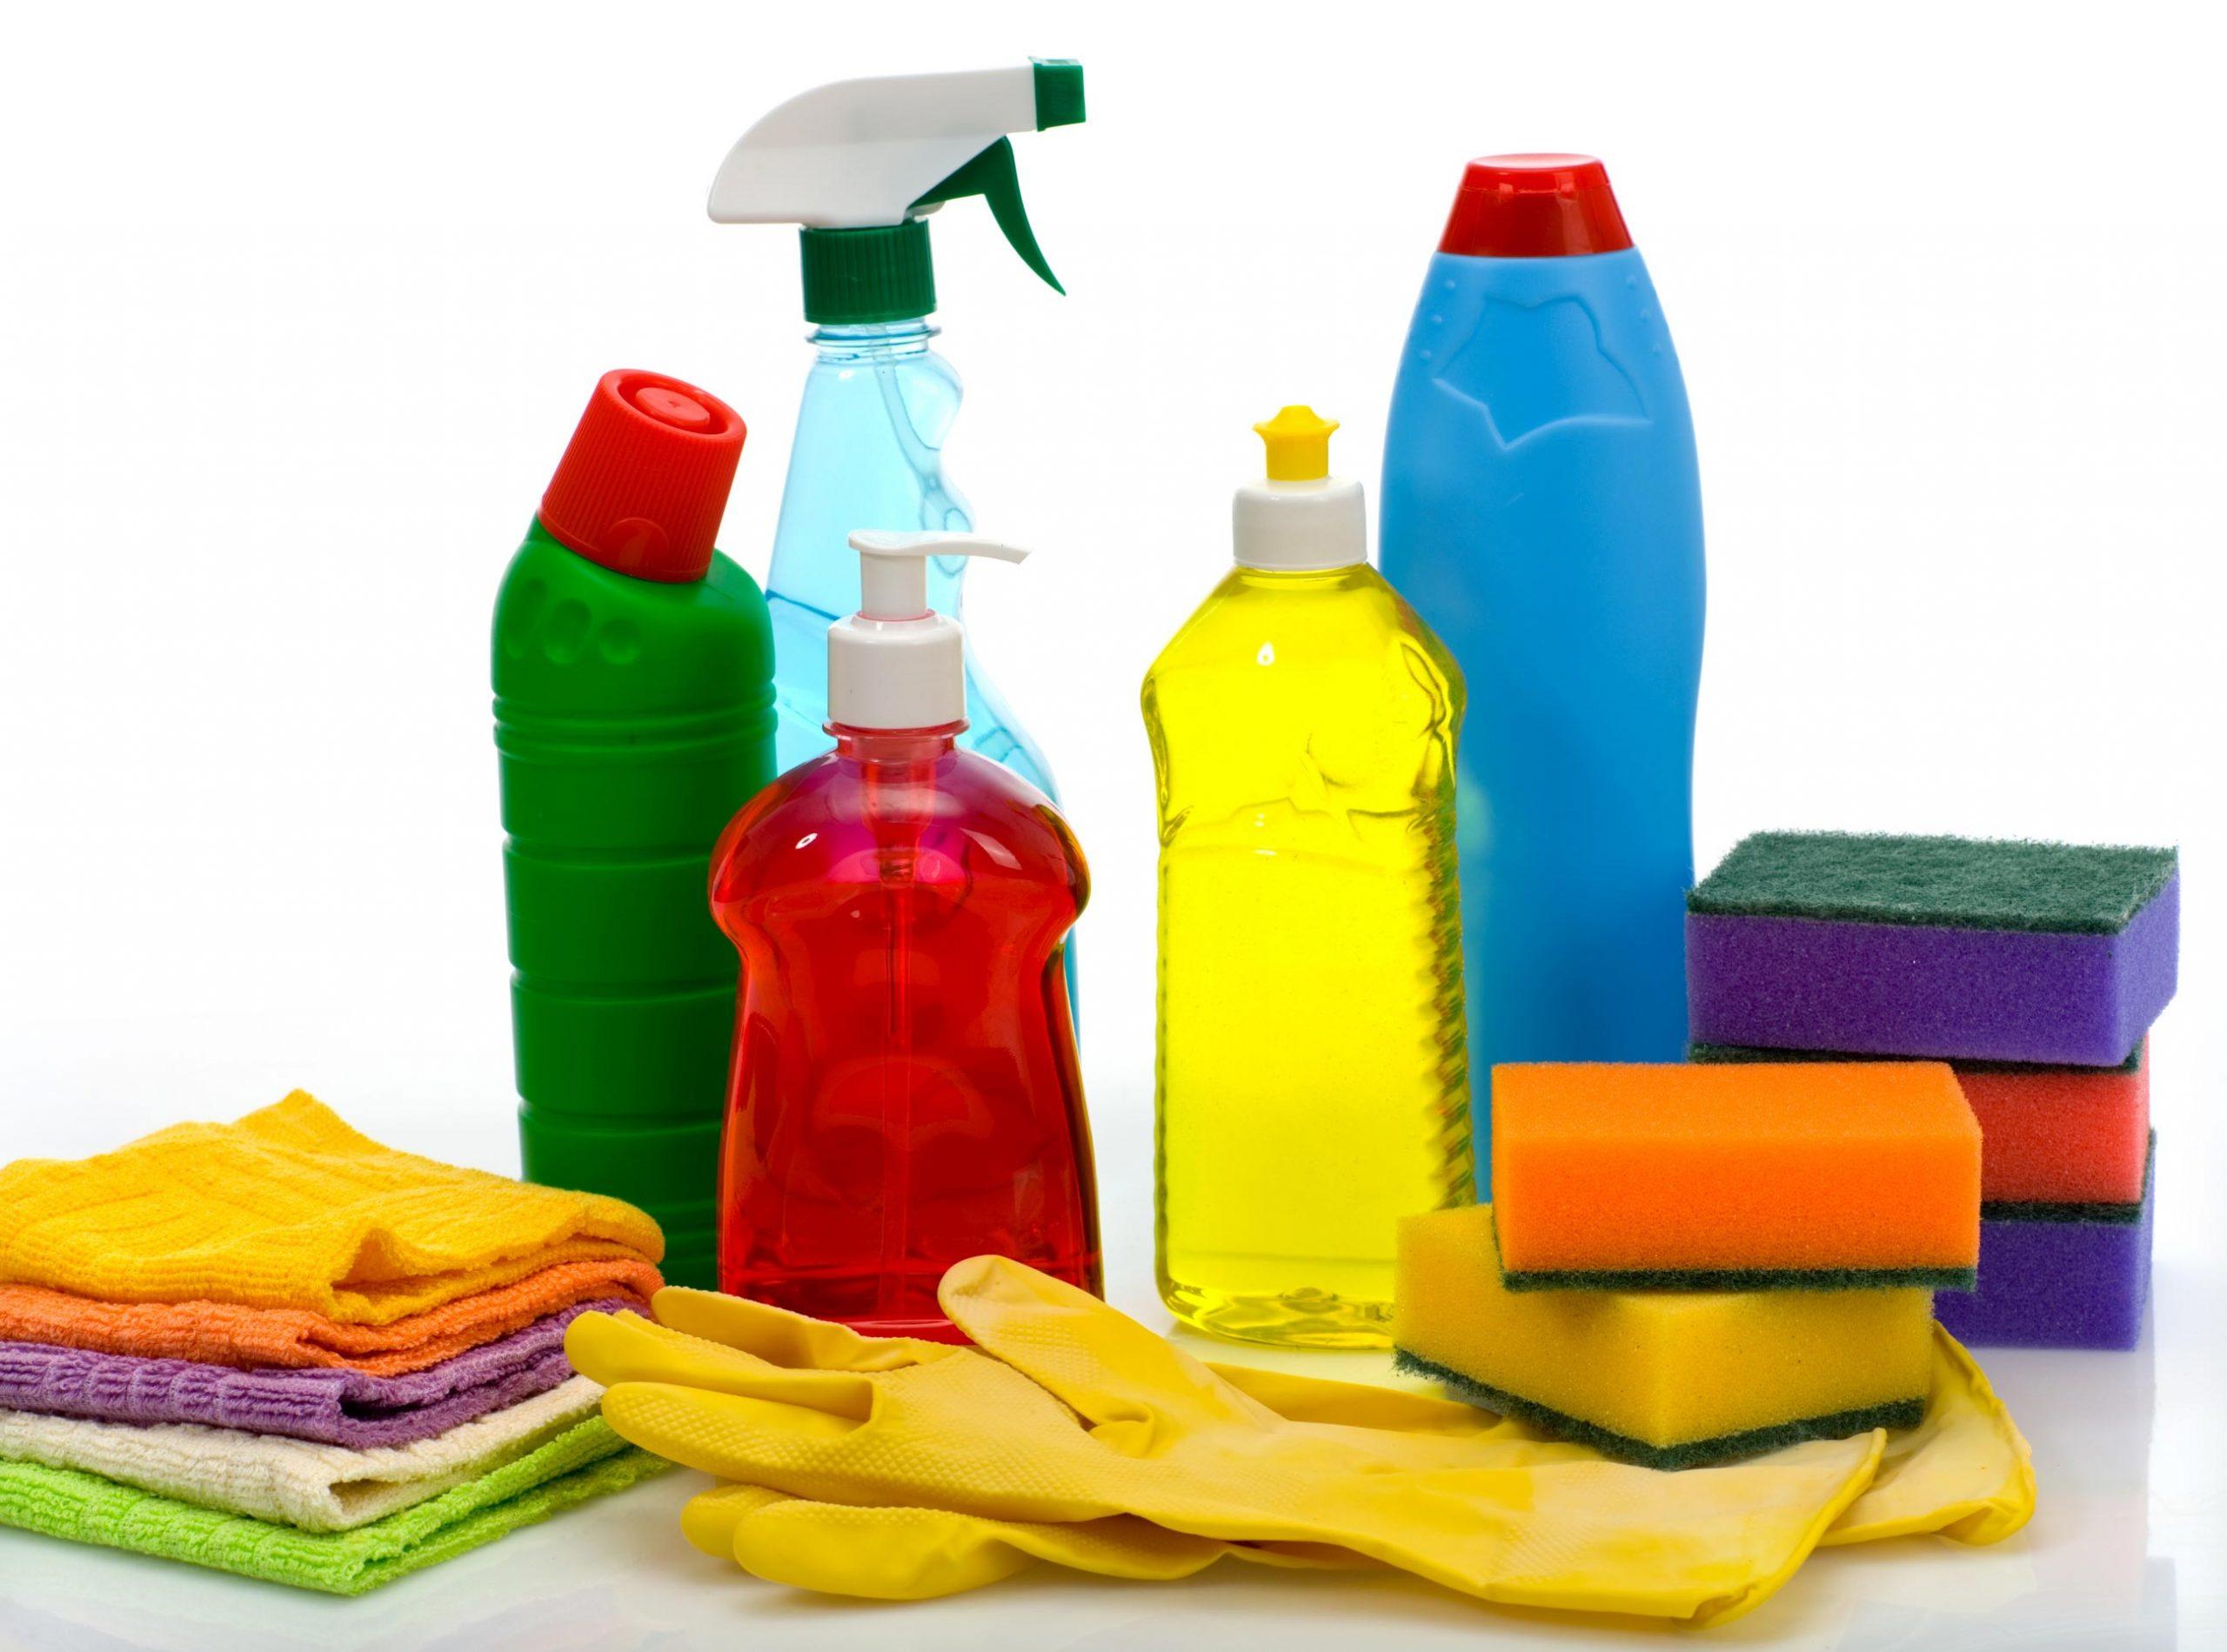 pulizie e sanificazione prodotti